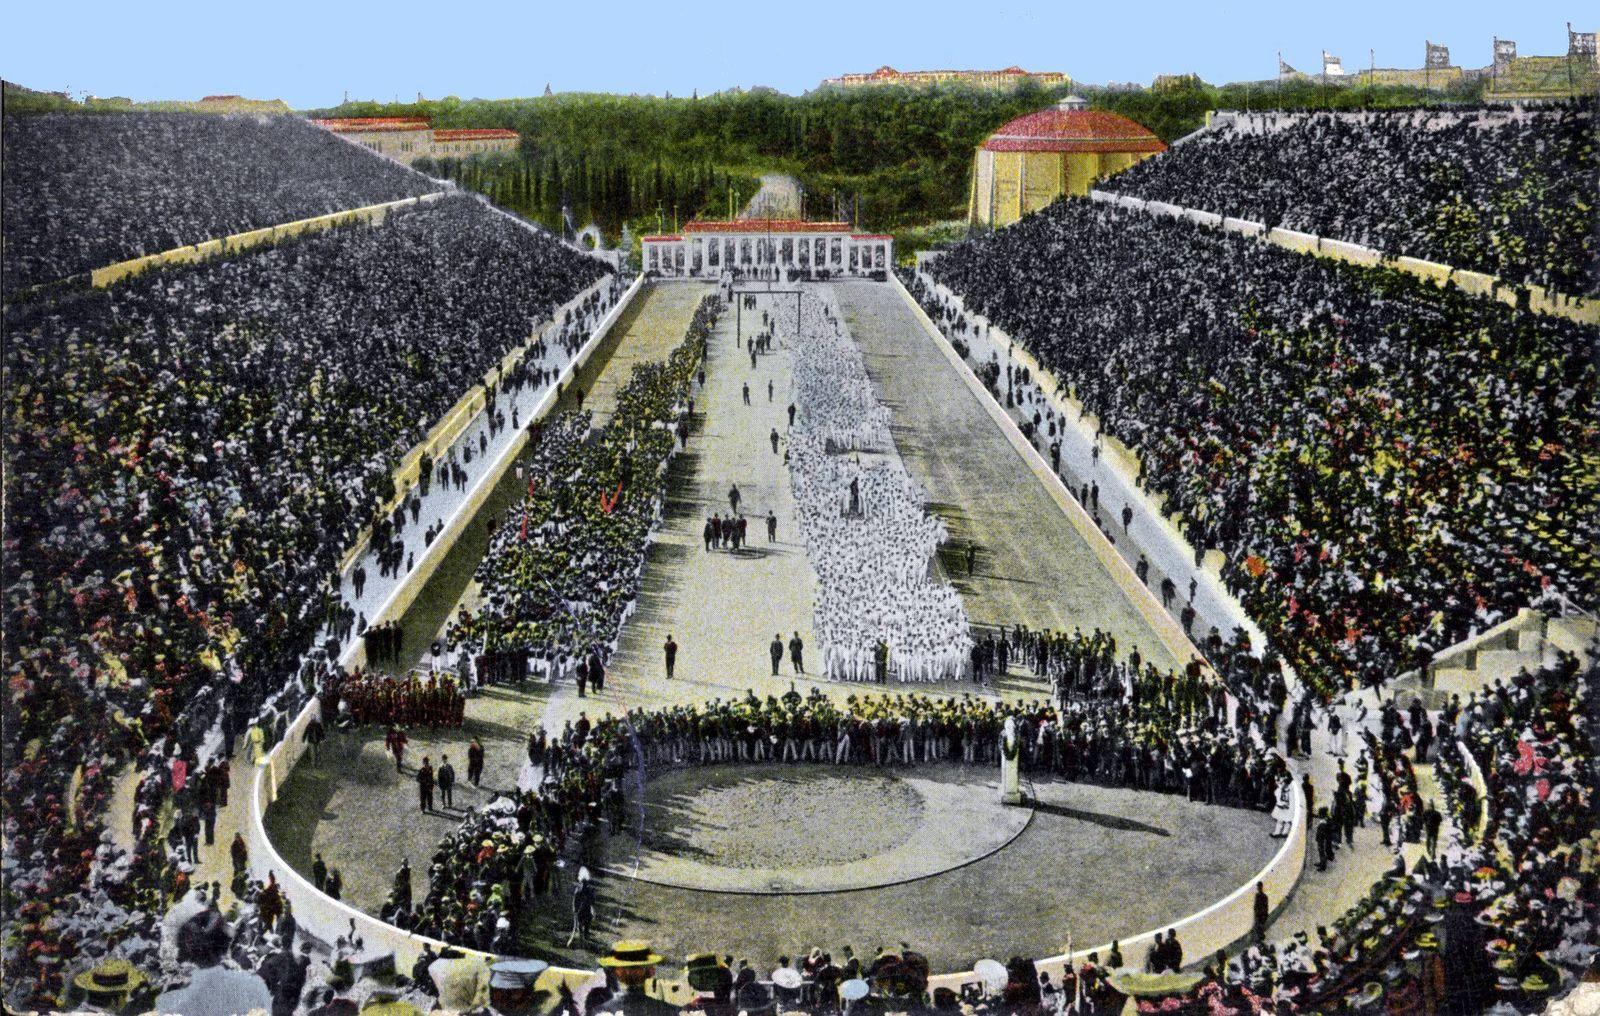 Das ausverkaufte Panathinaikos Stadion in Athen während der Eröffnungsfeier der ersten neuzeitlichen Sommerspiele 1896